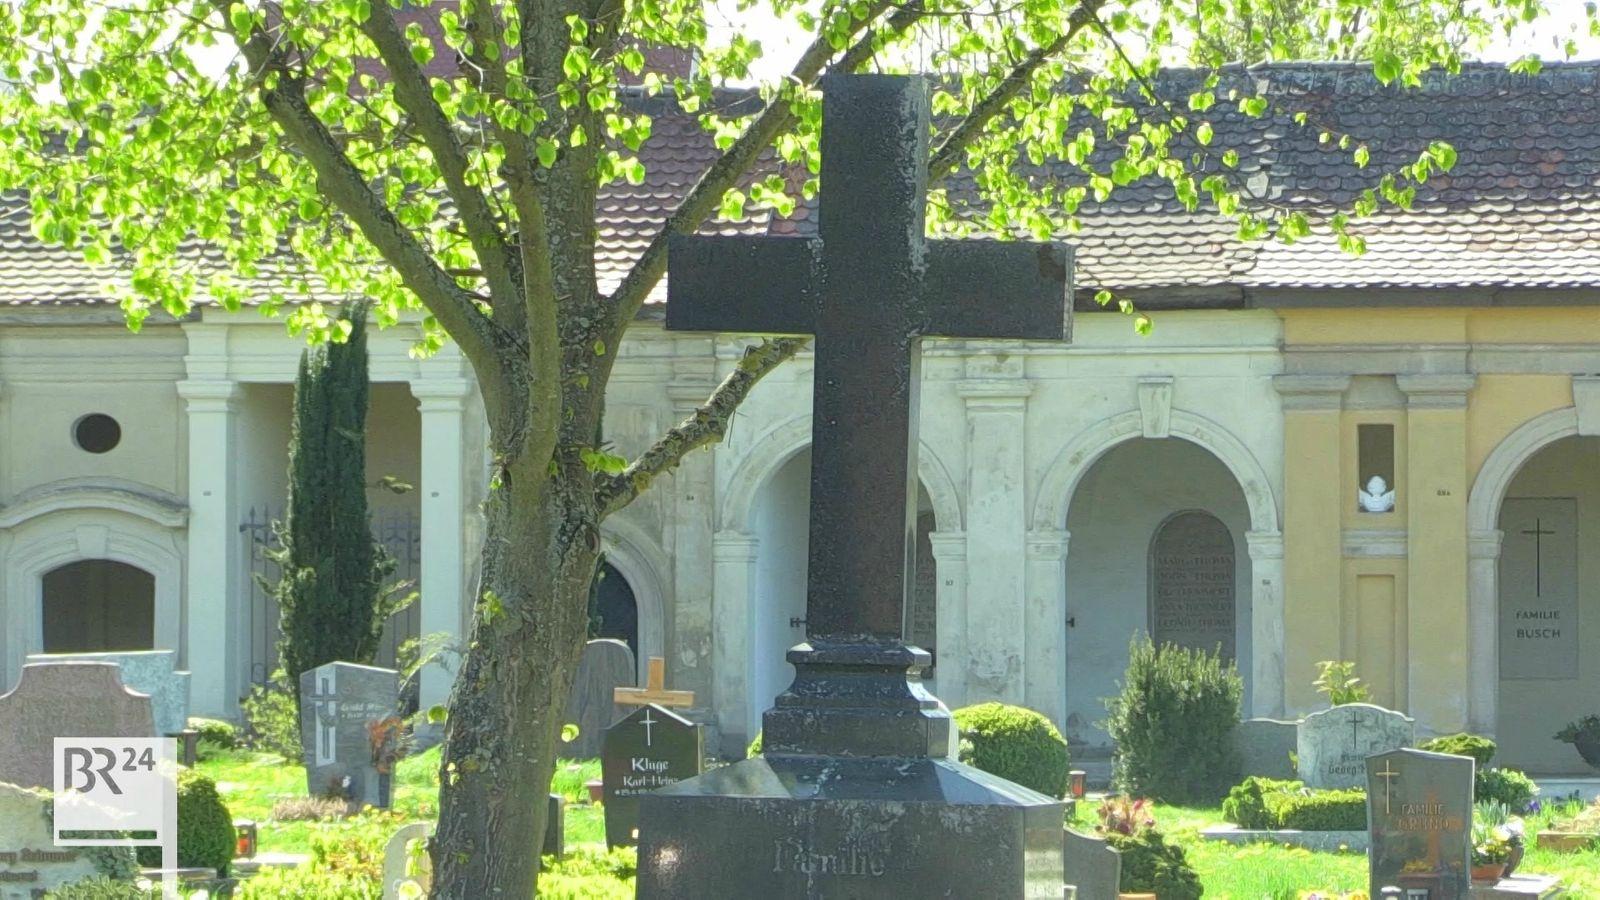 Finden Beerdigungen Statt